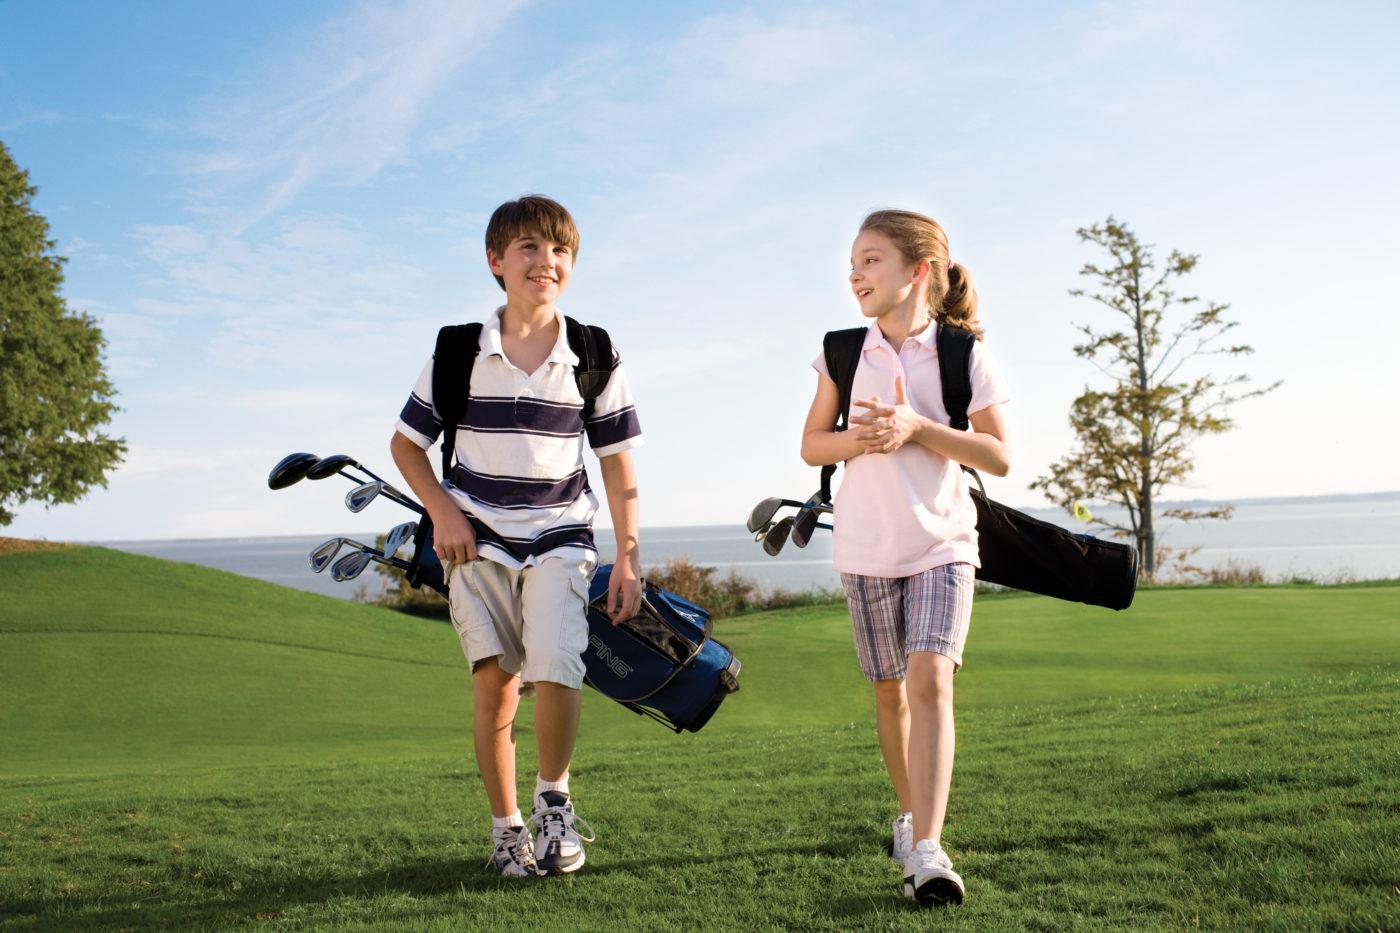 https://secureservercdn.net/104.238.69.231/tbs.145.myftpupload.com/wp-content/uploads/2019/09/Junior-Golf-Camps-e1571601442223.jpg?time=1611757666